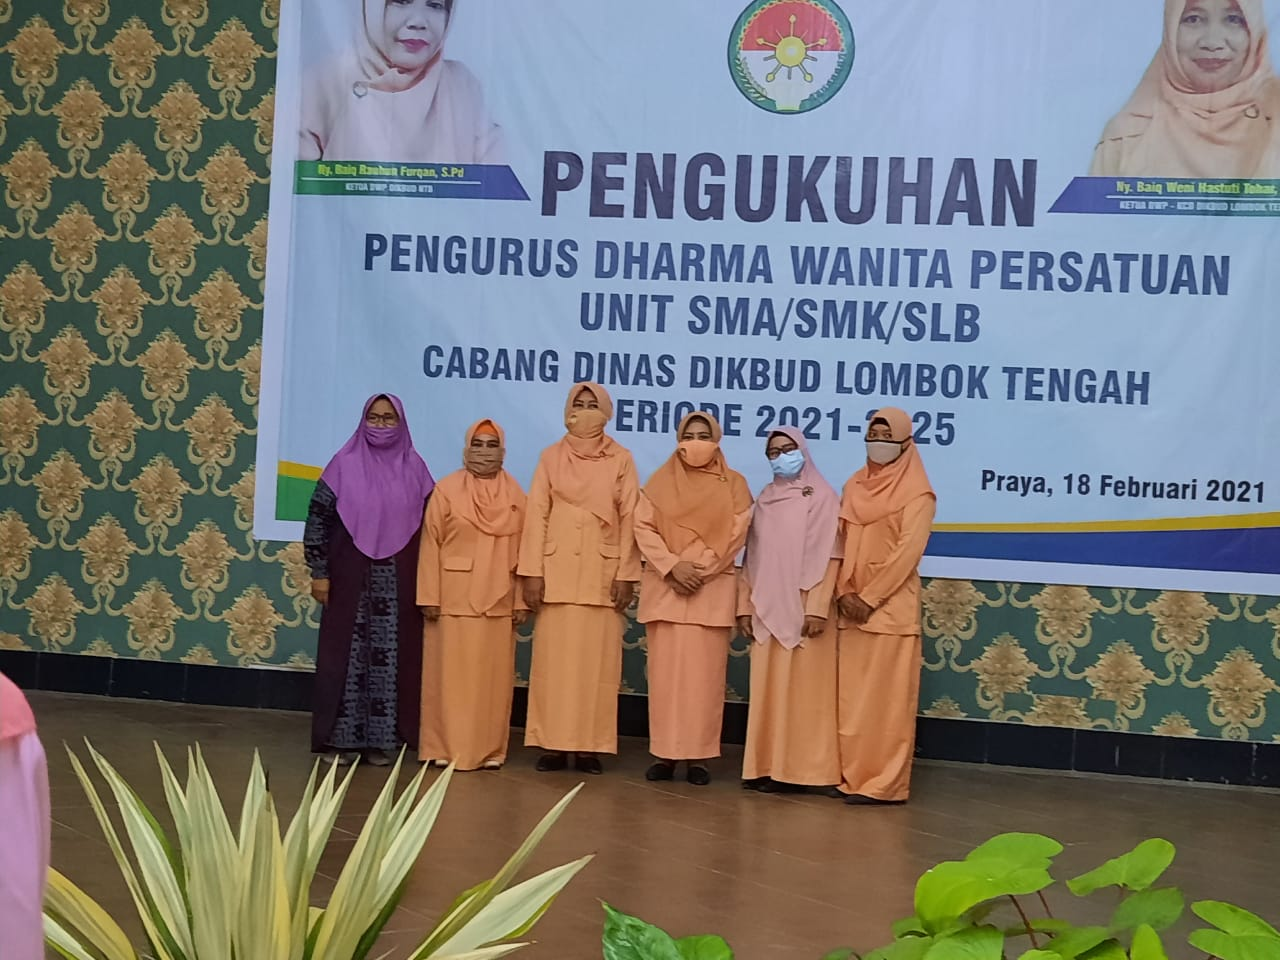 Pengukuhan Pengurus DWP Unit SMA/SMK/SLB Cabang Dinas Dikbud Loteng